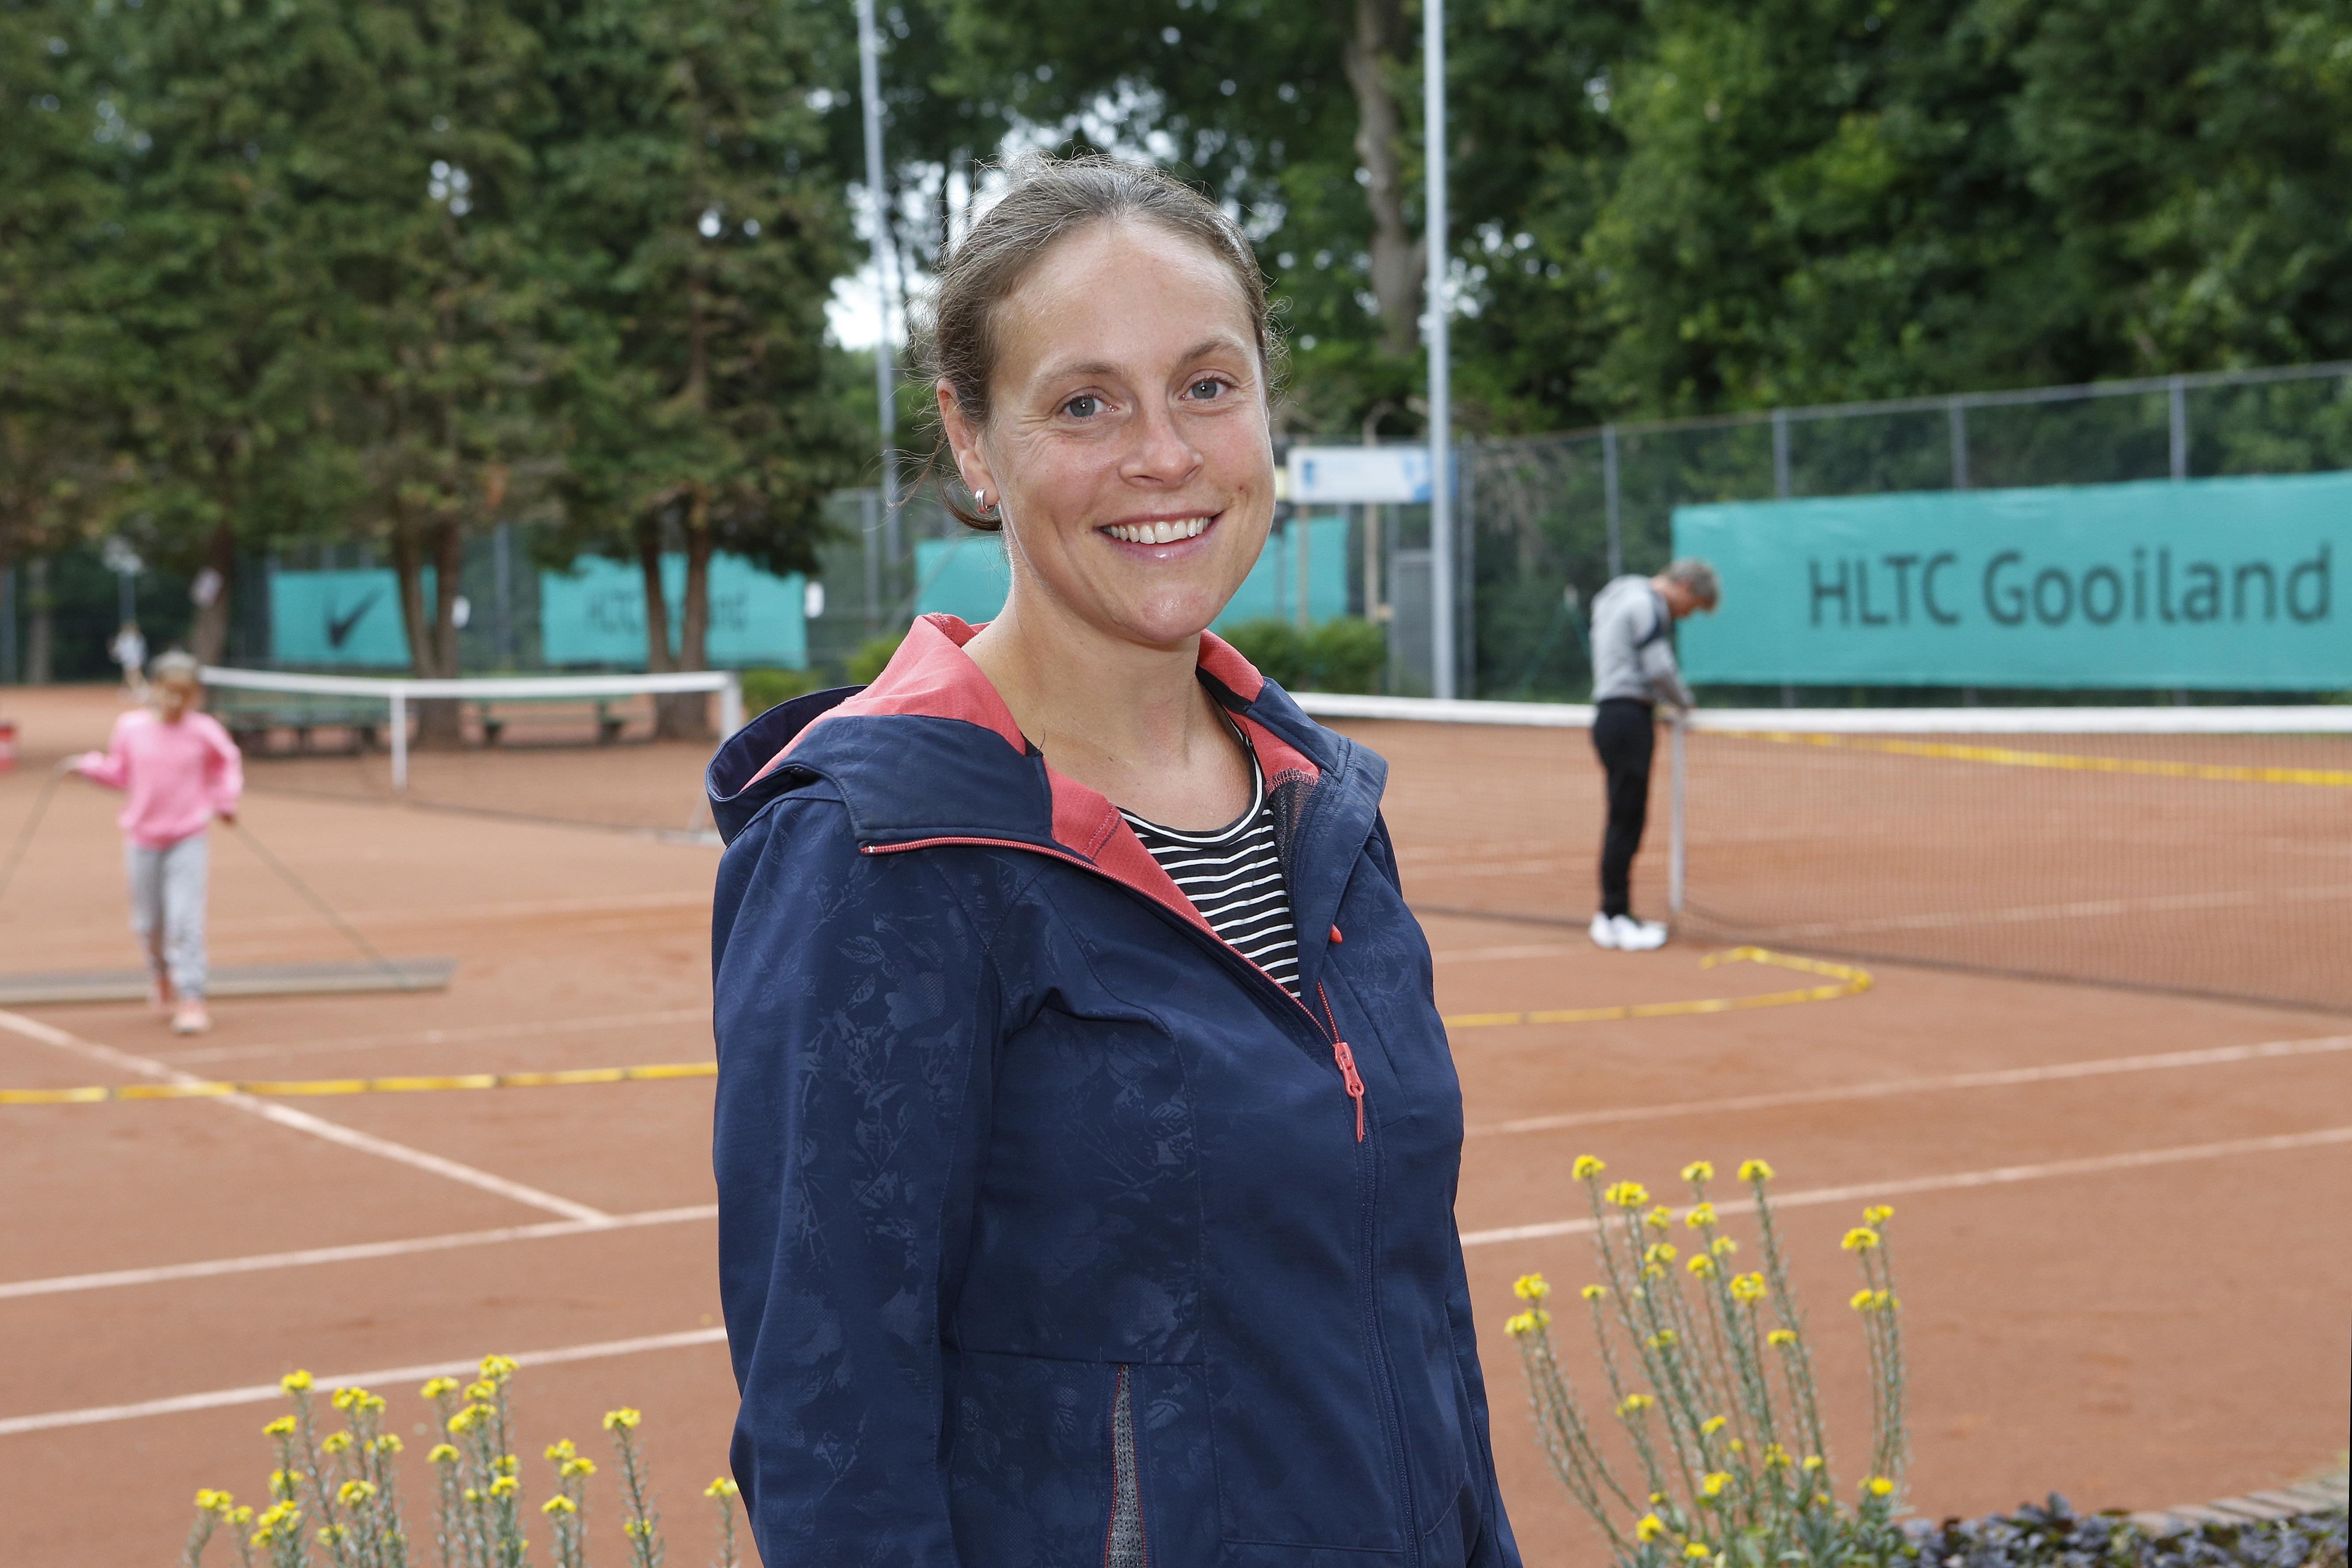 Tijdens de corona-maatregelen sloeg tennisster Jolanda Elenbaas maar een balletje op straat